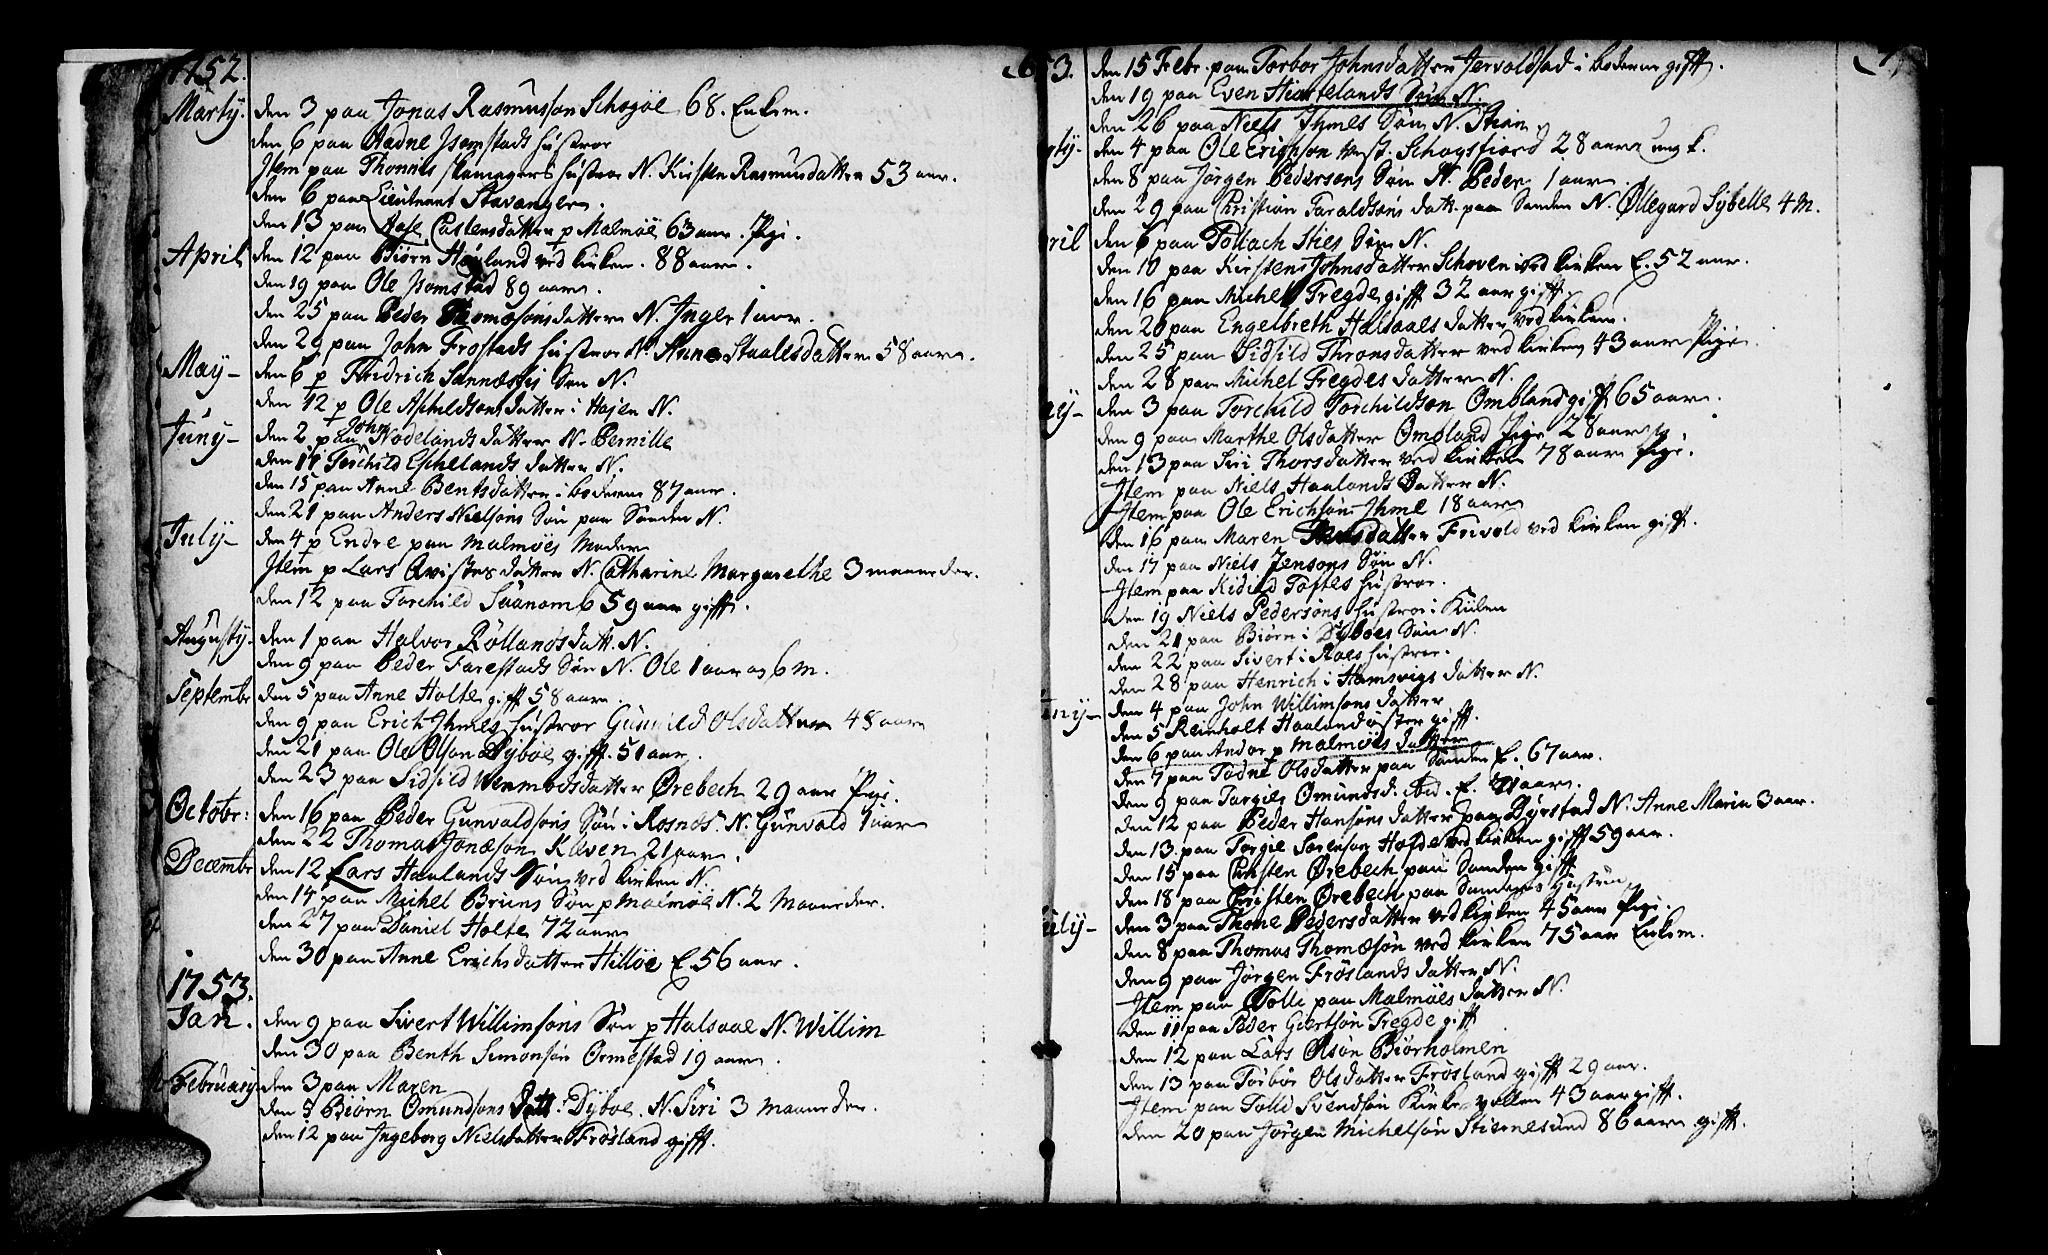 SAK, Mandal sokneprestkontor, F/Fa/Faa/L0005: Ministerialbok nr. A 5, 1748-1803, s. 6-7